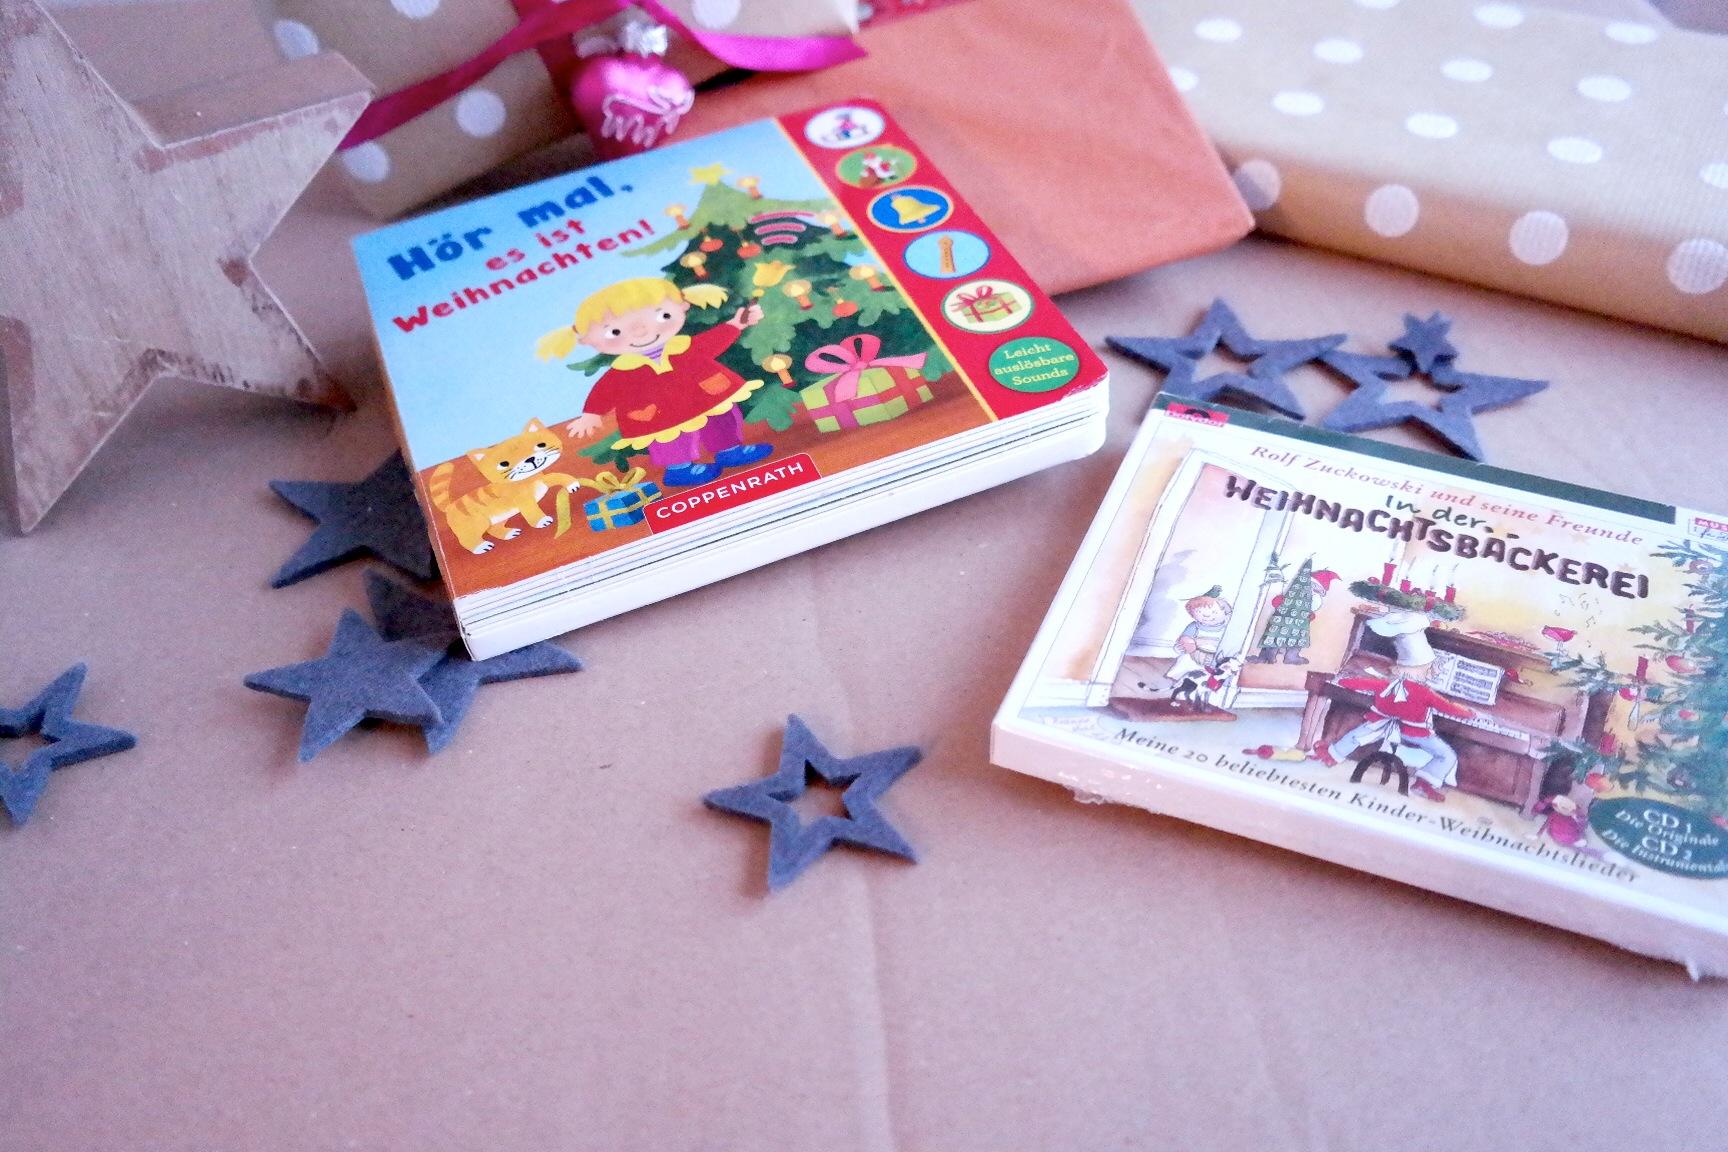 Rolf Zuckowski Weihnachtslieder Texte.Online Weihnachtsshopping Shopping Weihnachtsgeschenke